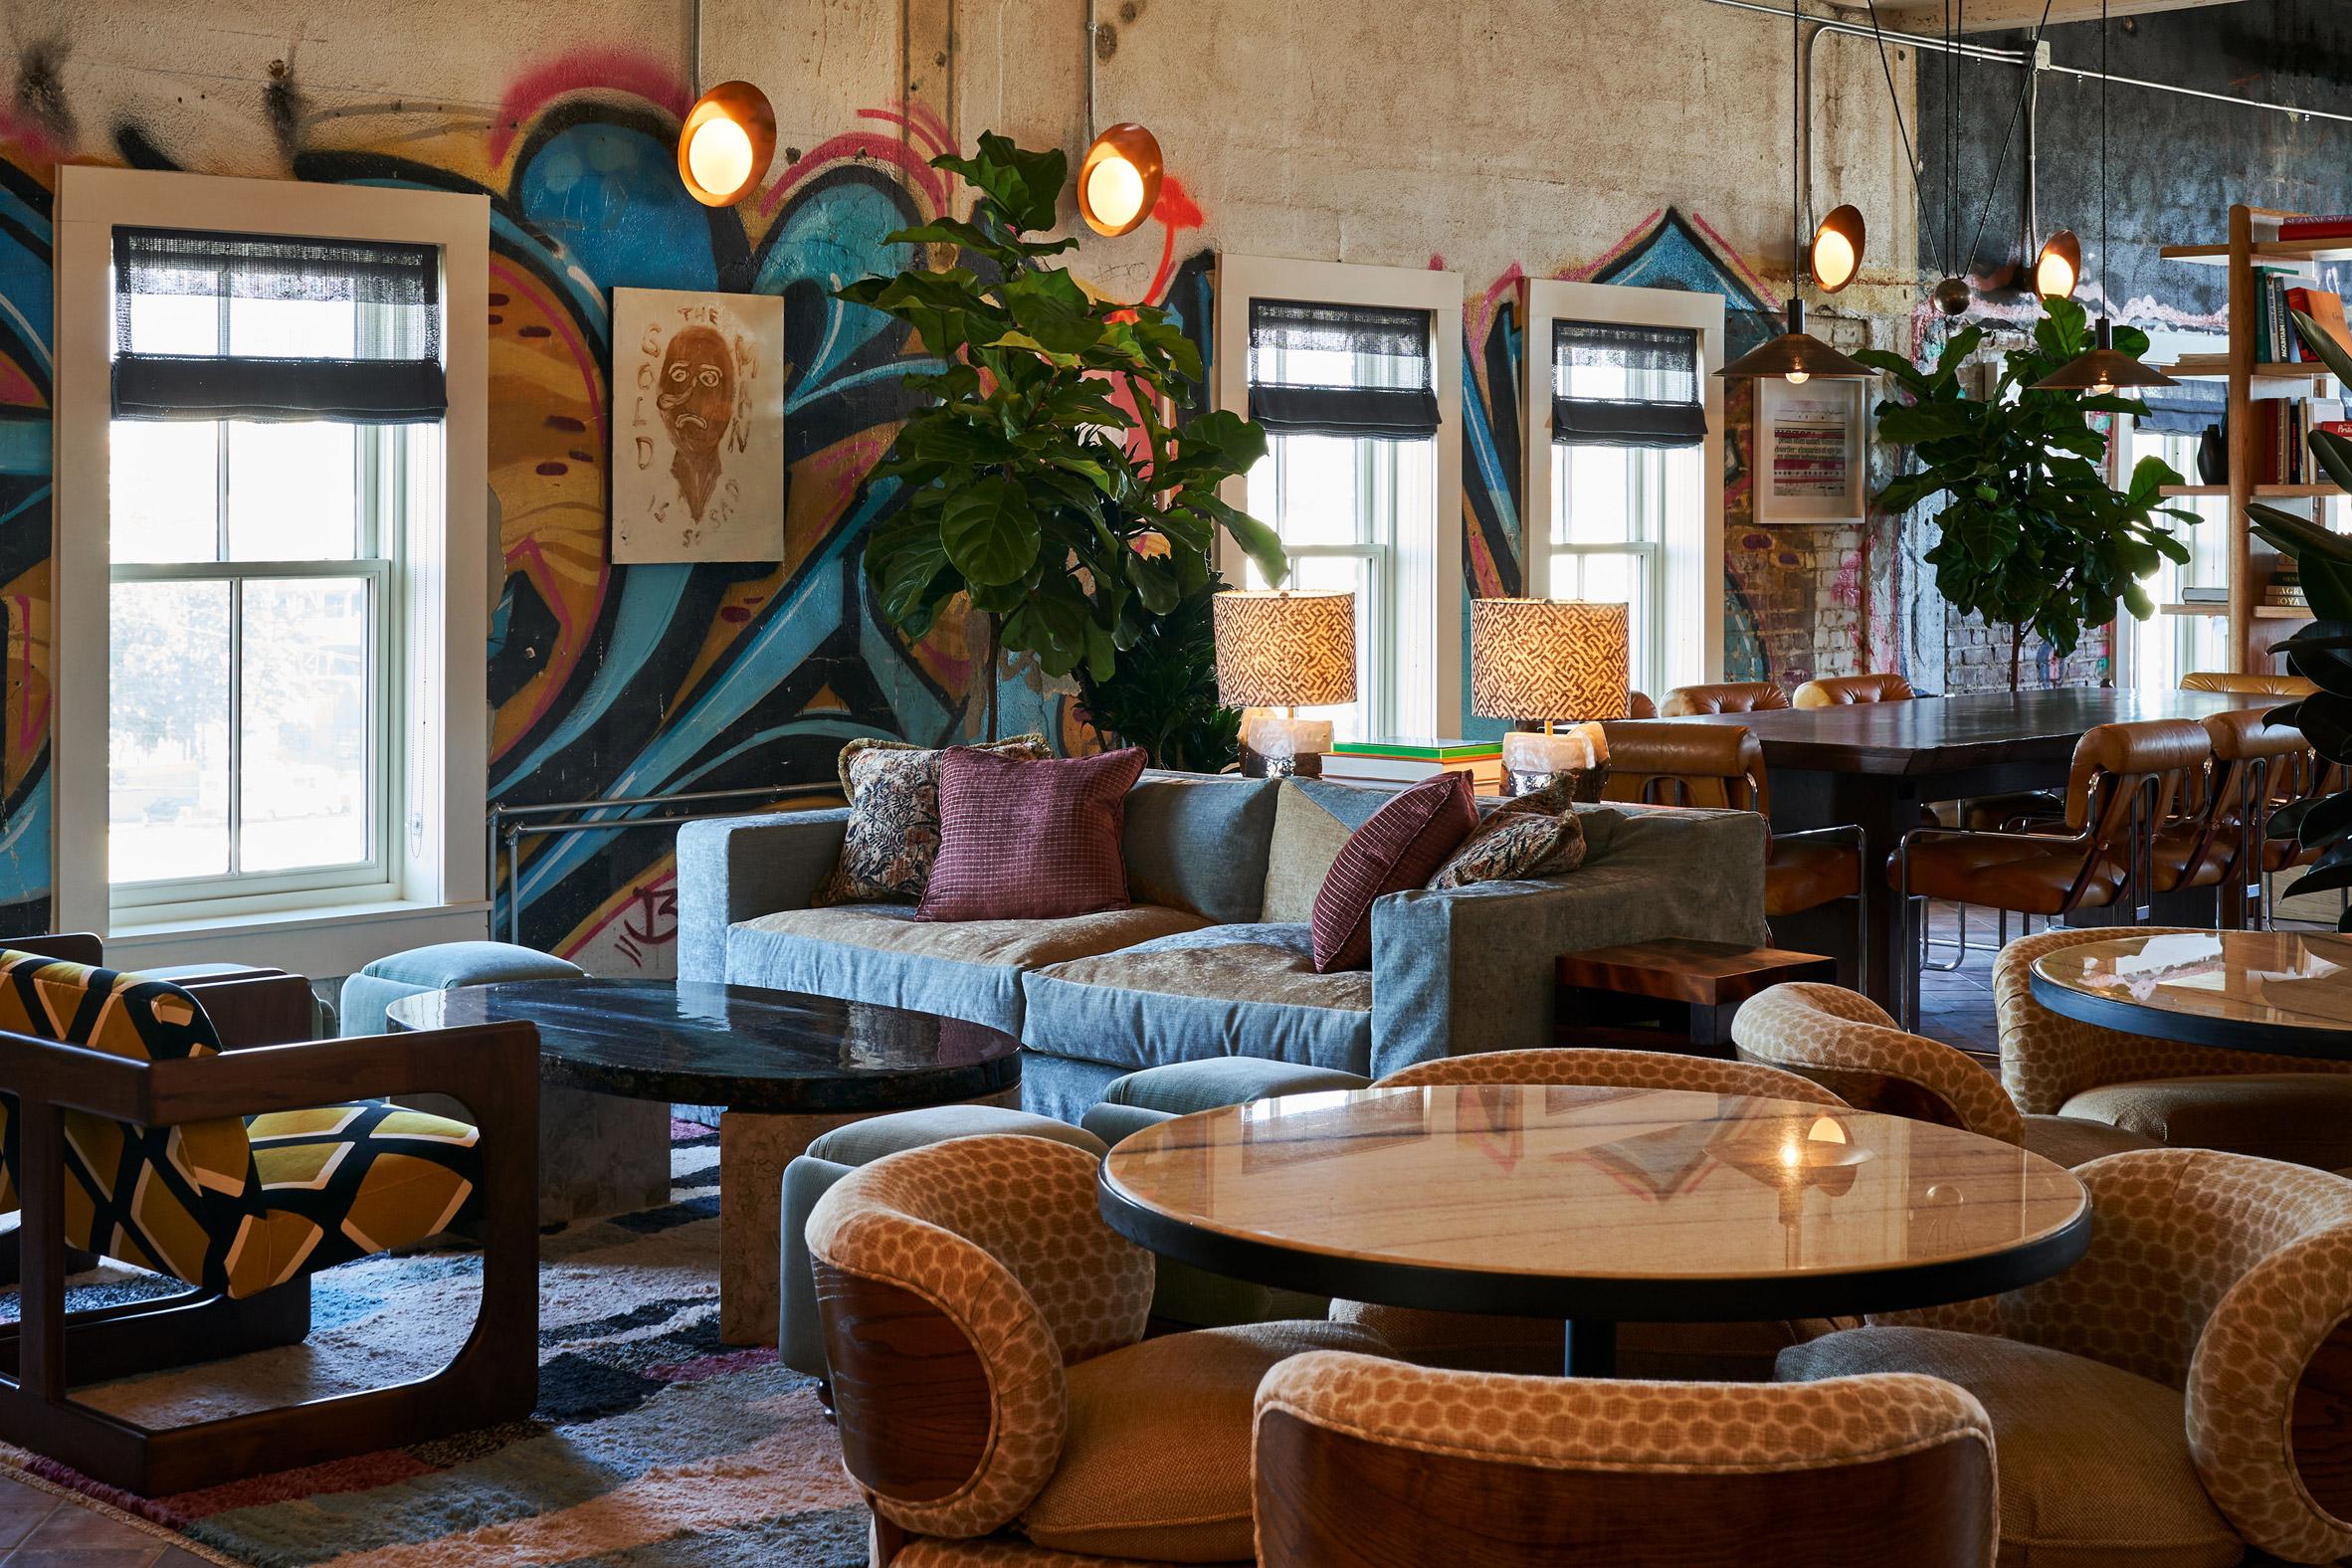 Thiết kế nội thất nhà hàng khách sạn 2